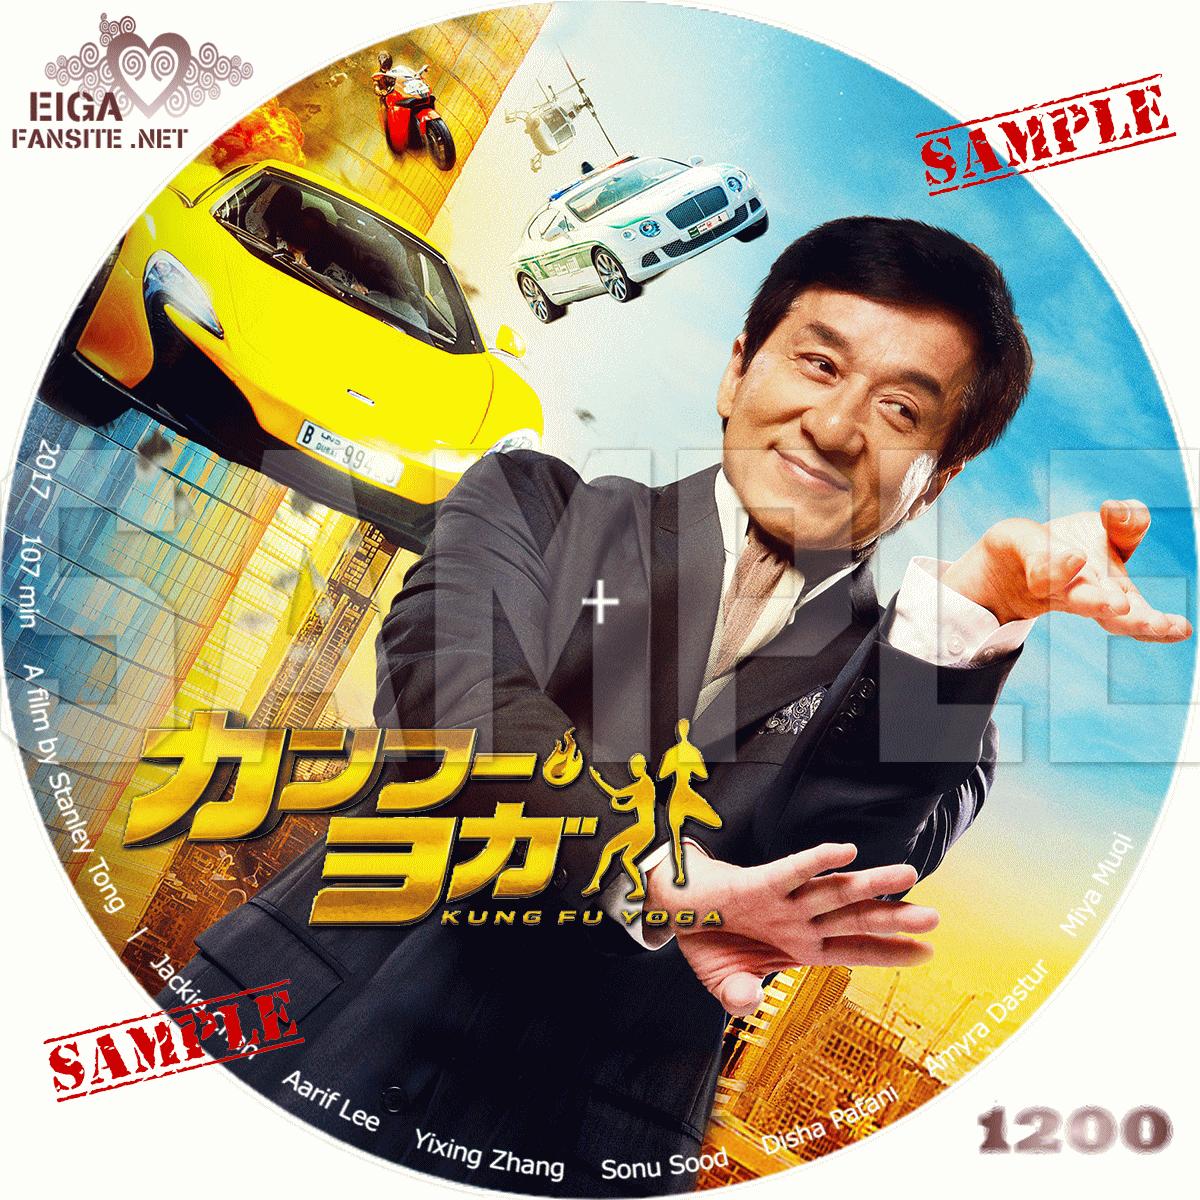 カンフー・ヨガ/KUNG FU YOGA (2017)      自作DVDラベル&BDラベル      洋画【か】PAGE-19